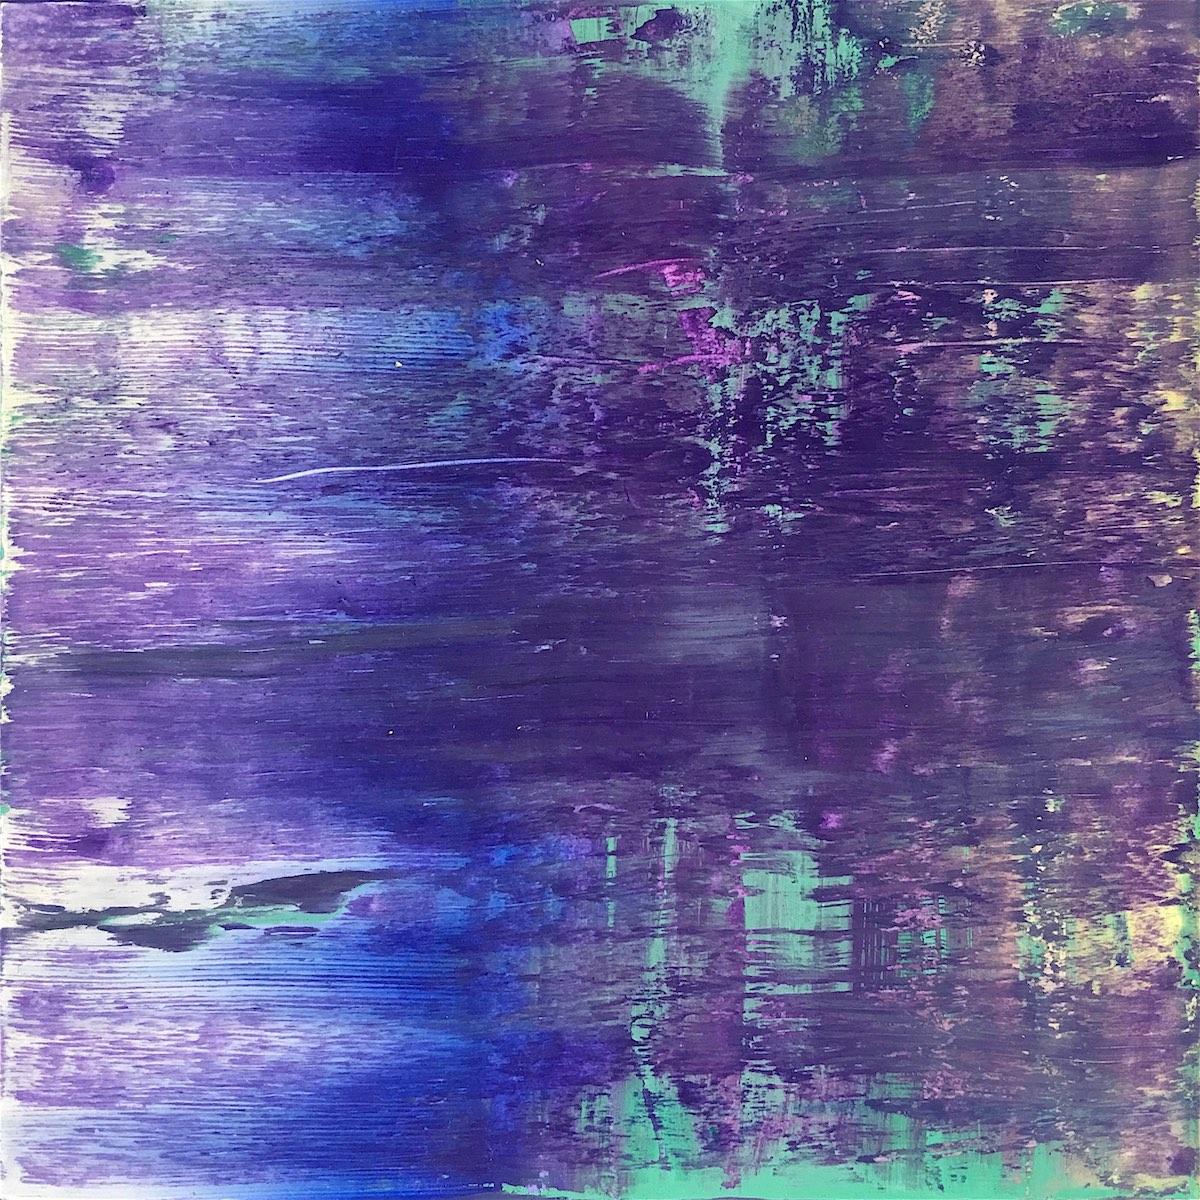 「暖かな蒼い日射し」 オイルパステル、アルキド樹脂絵具 15 × 15cm 2016年